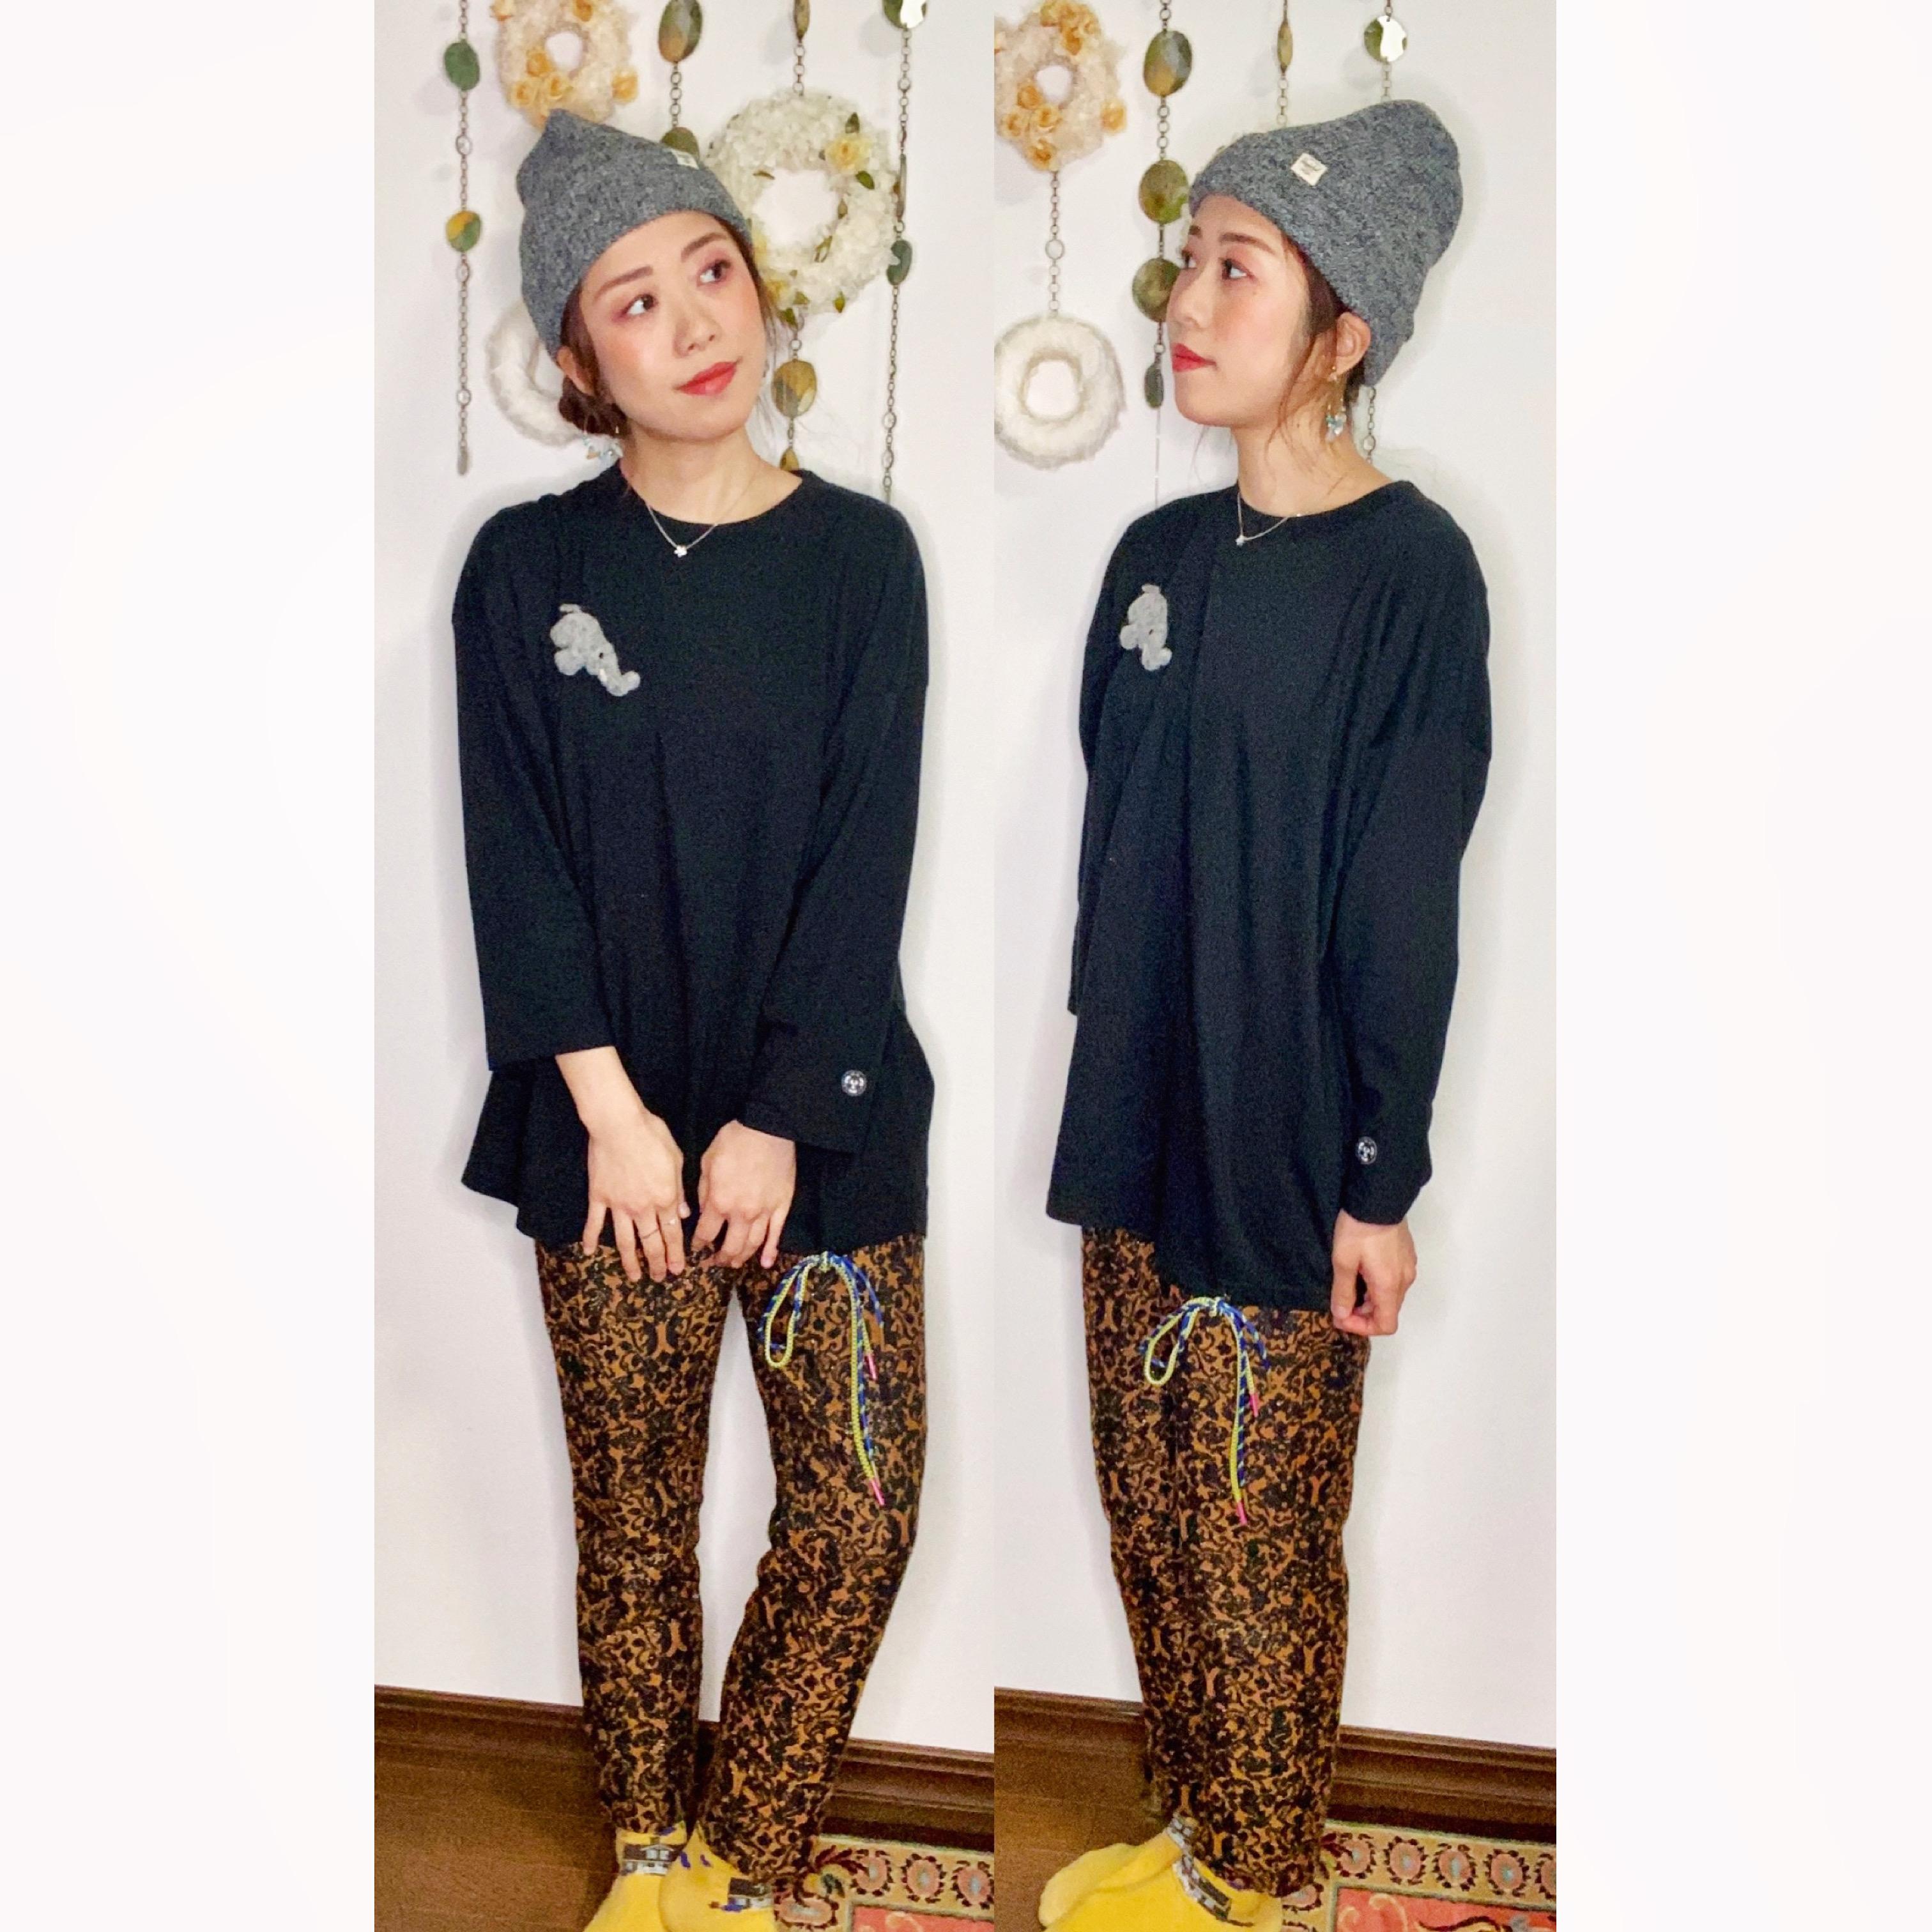 【オンナノコの休日ファッション】2020.10.14【うたうゆきこ】_1